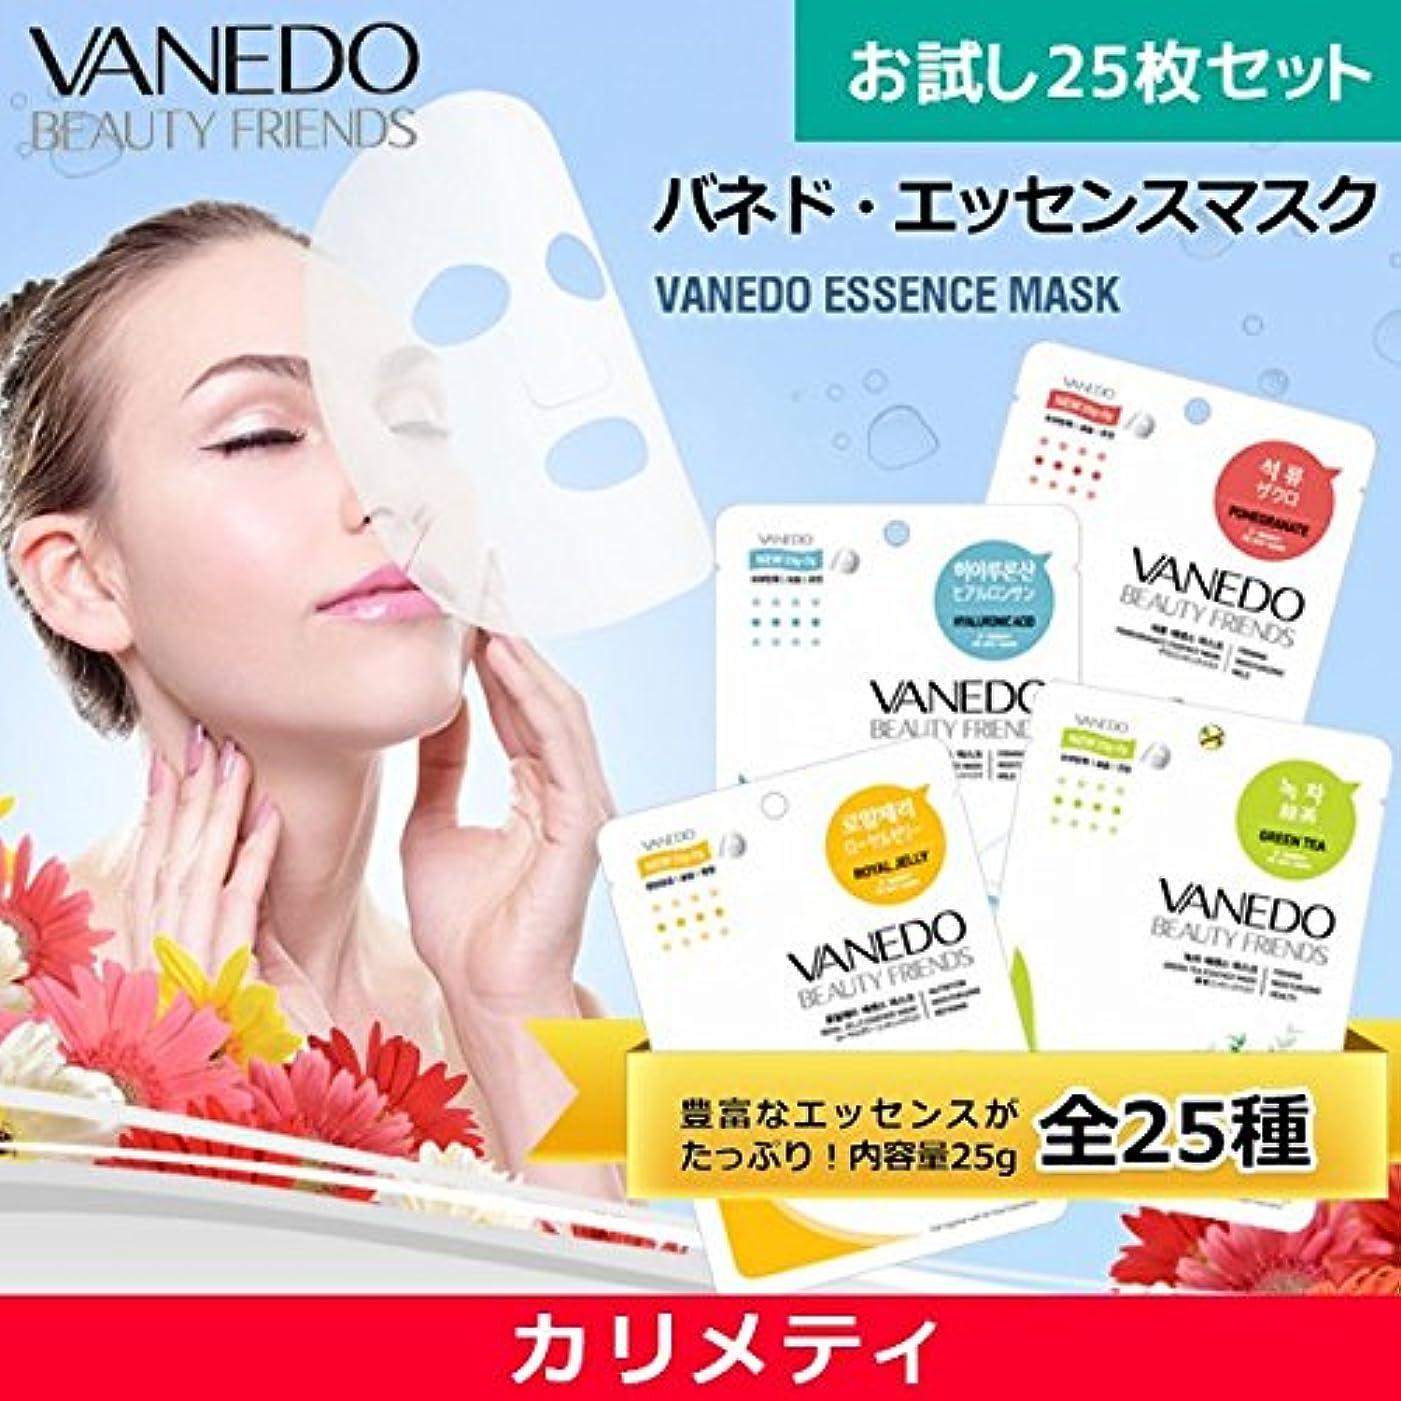 参加者参加者先例【VANEDO】バネド全種 25枚 お試しセット/シートマスク/マスクパック/フェイスマスク [メール便]